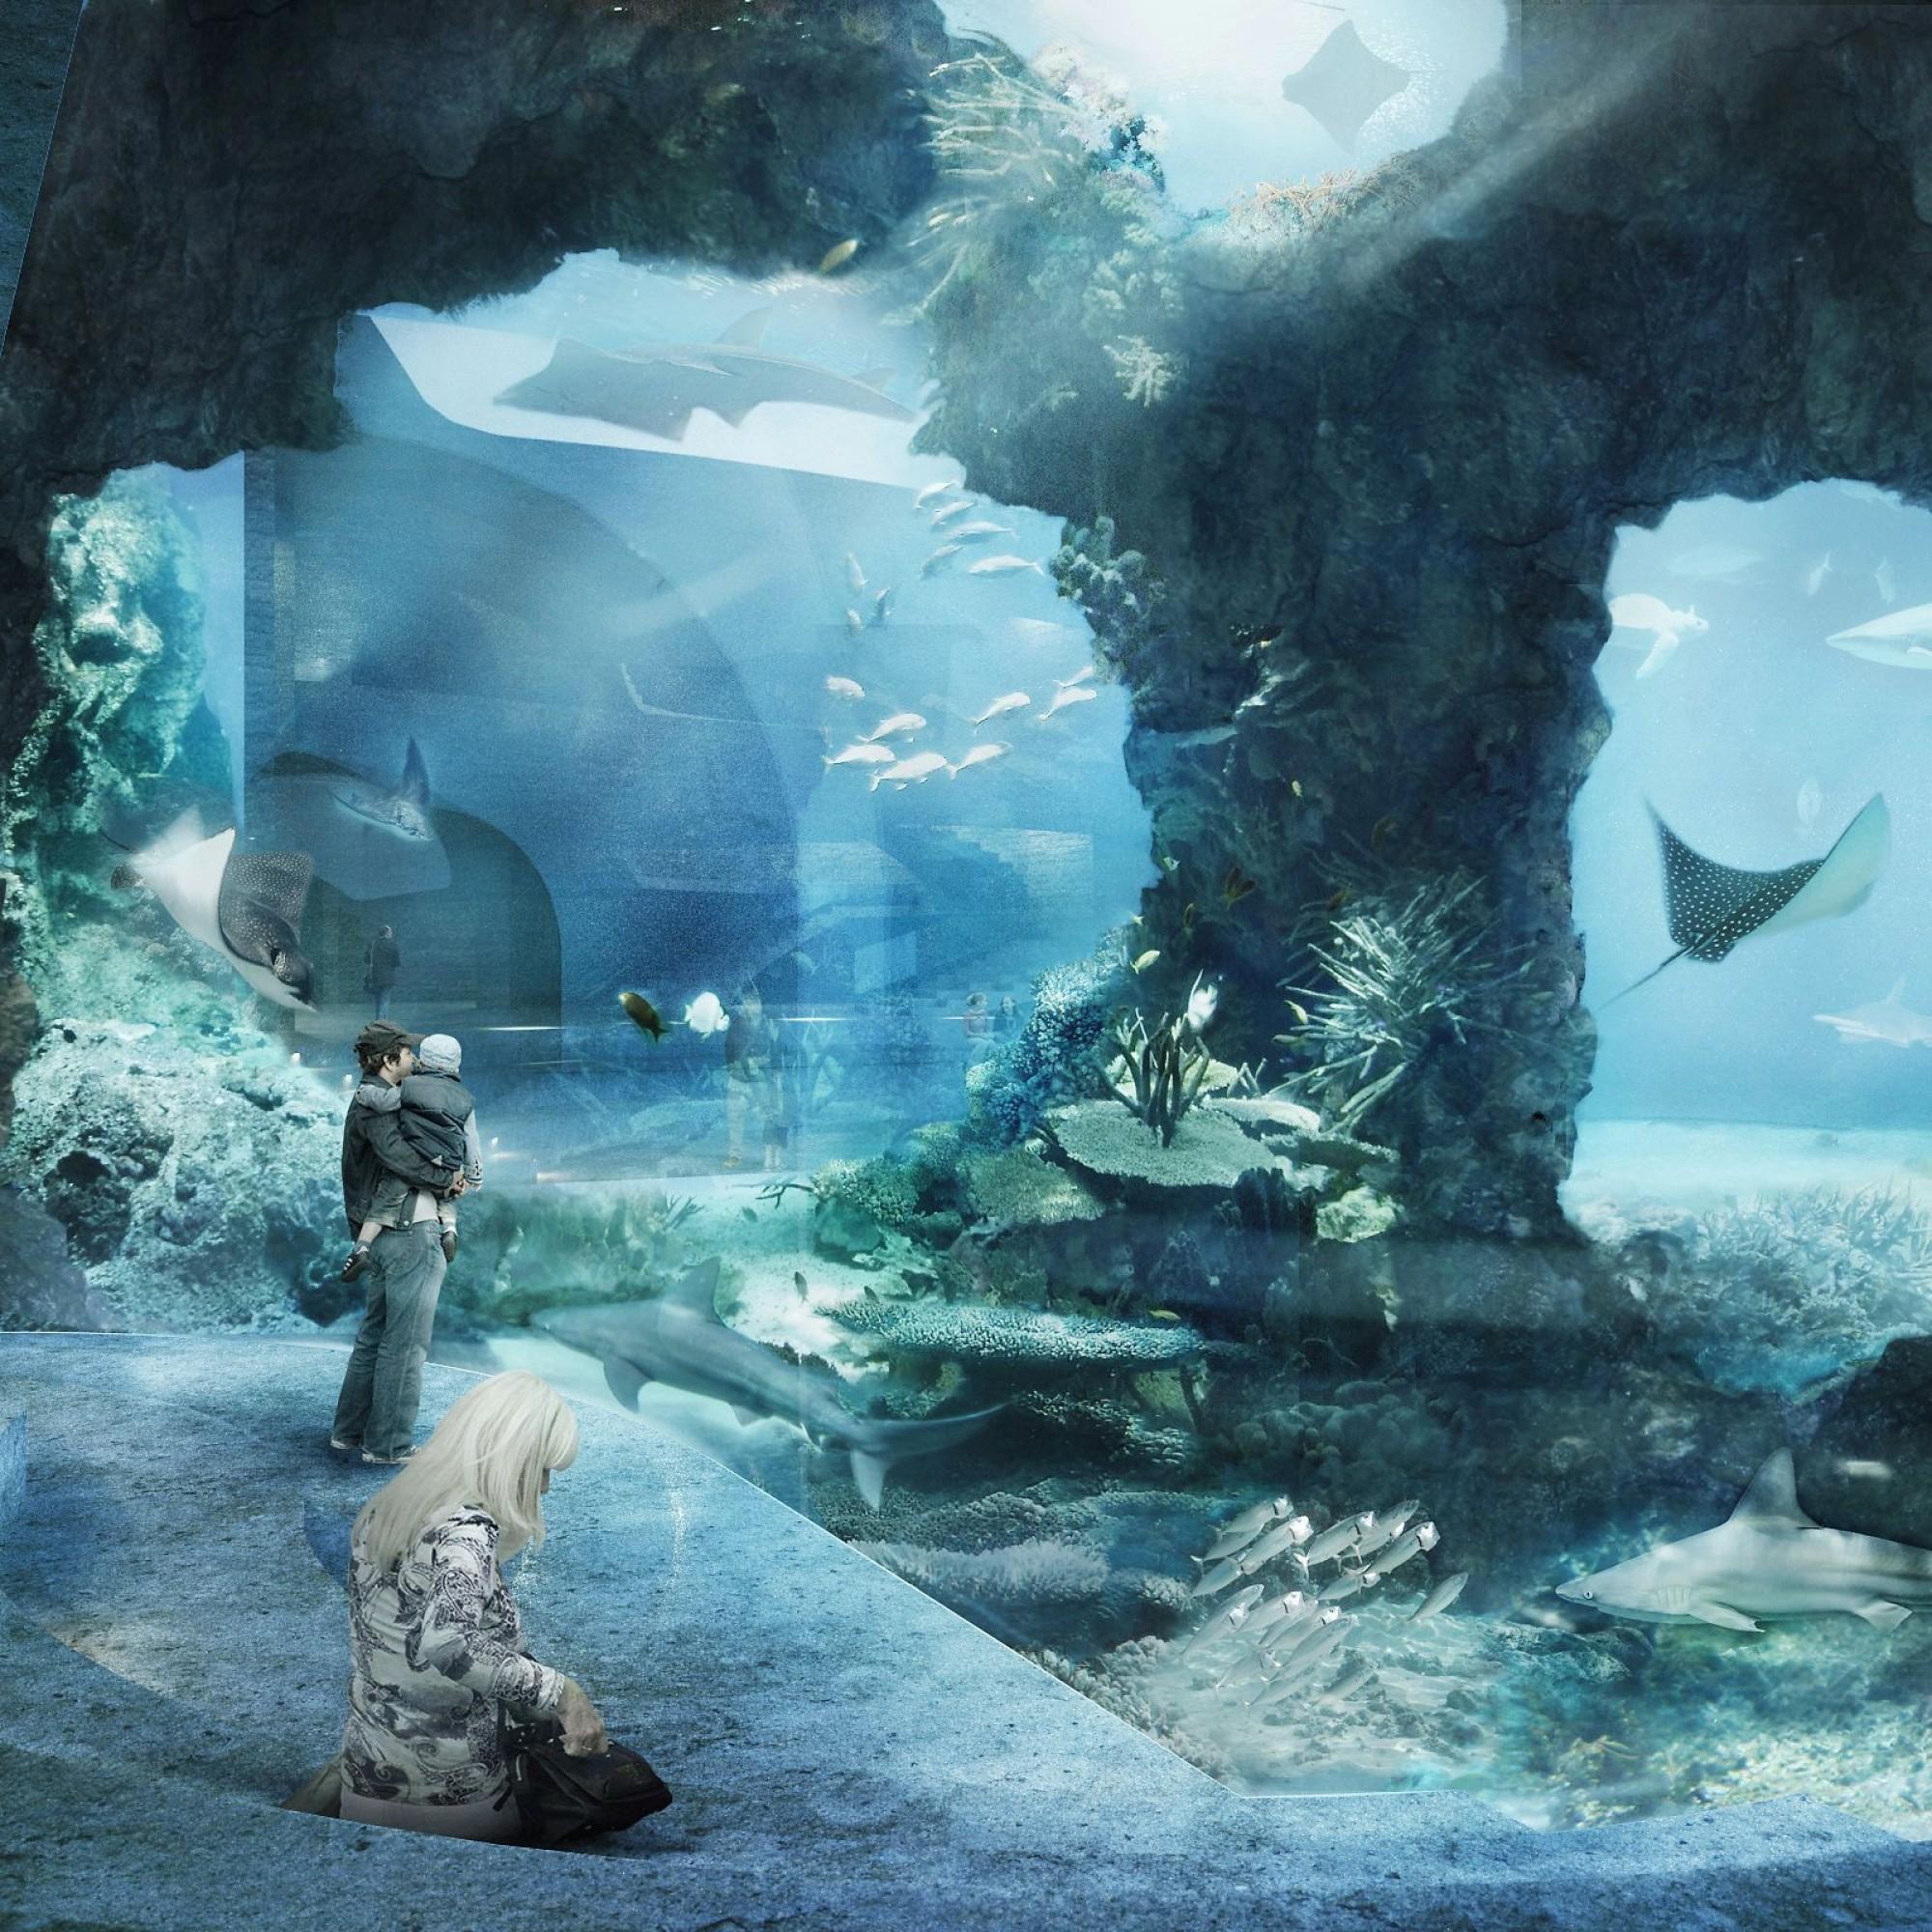 Das Ozeanium-Projekt wurde von Boltshauser Architekten entworfen